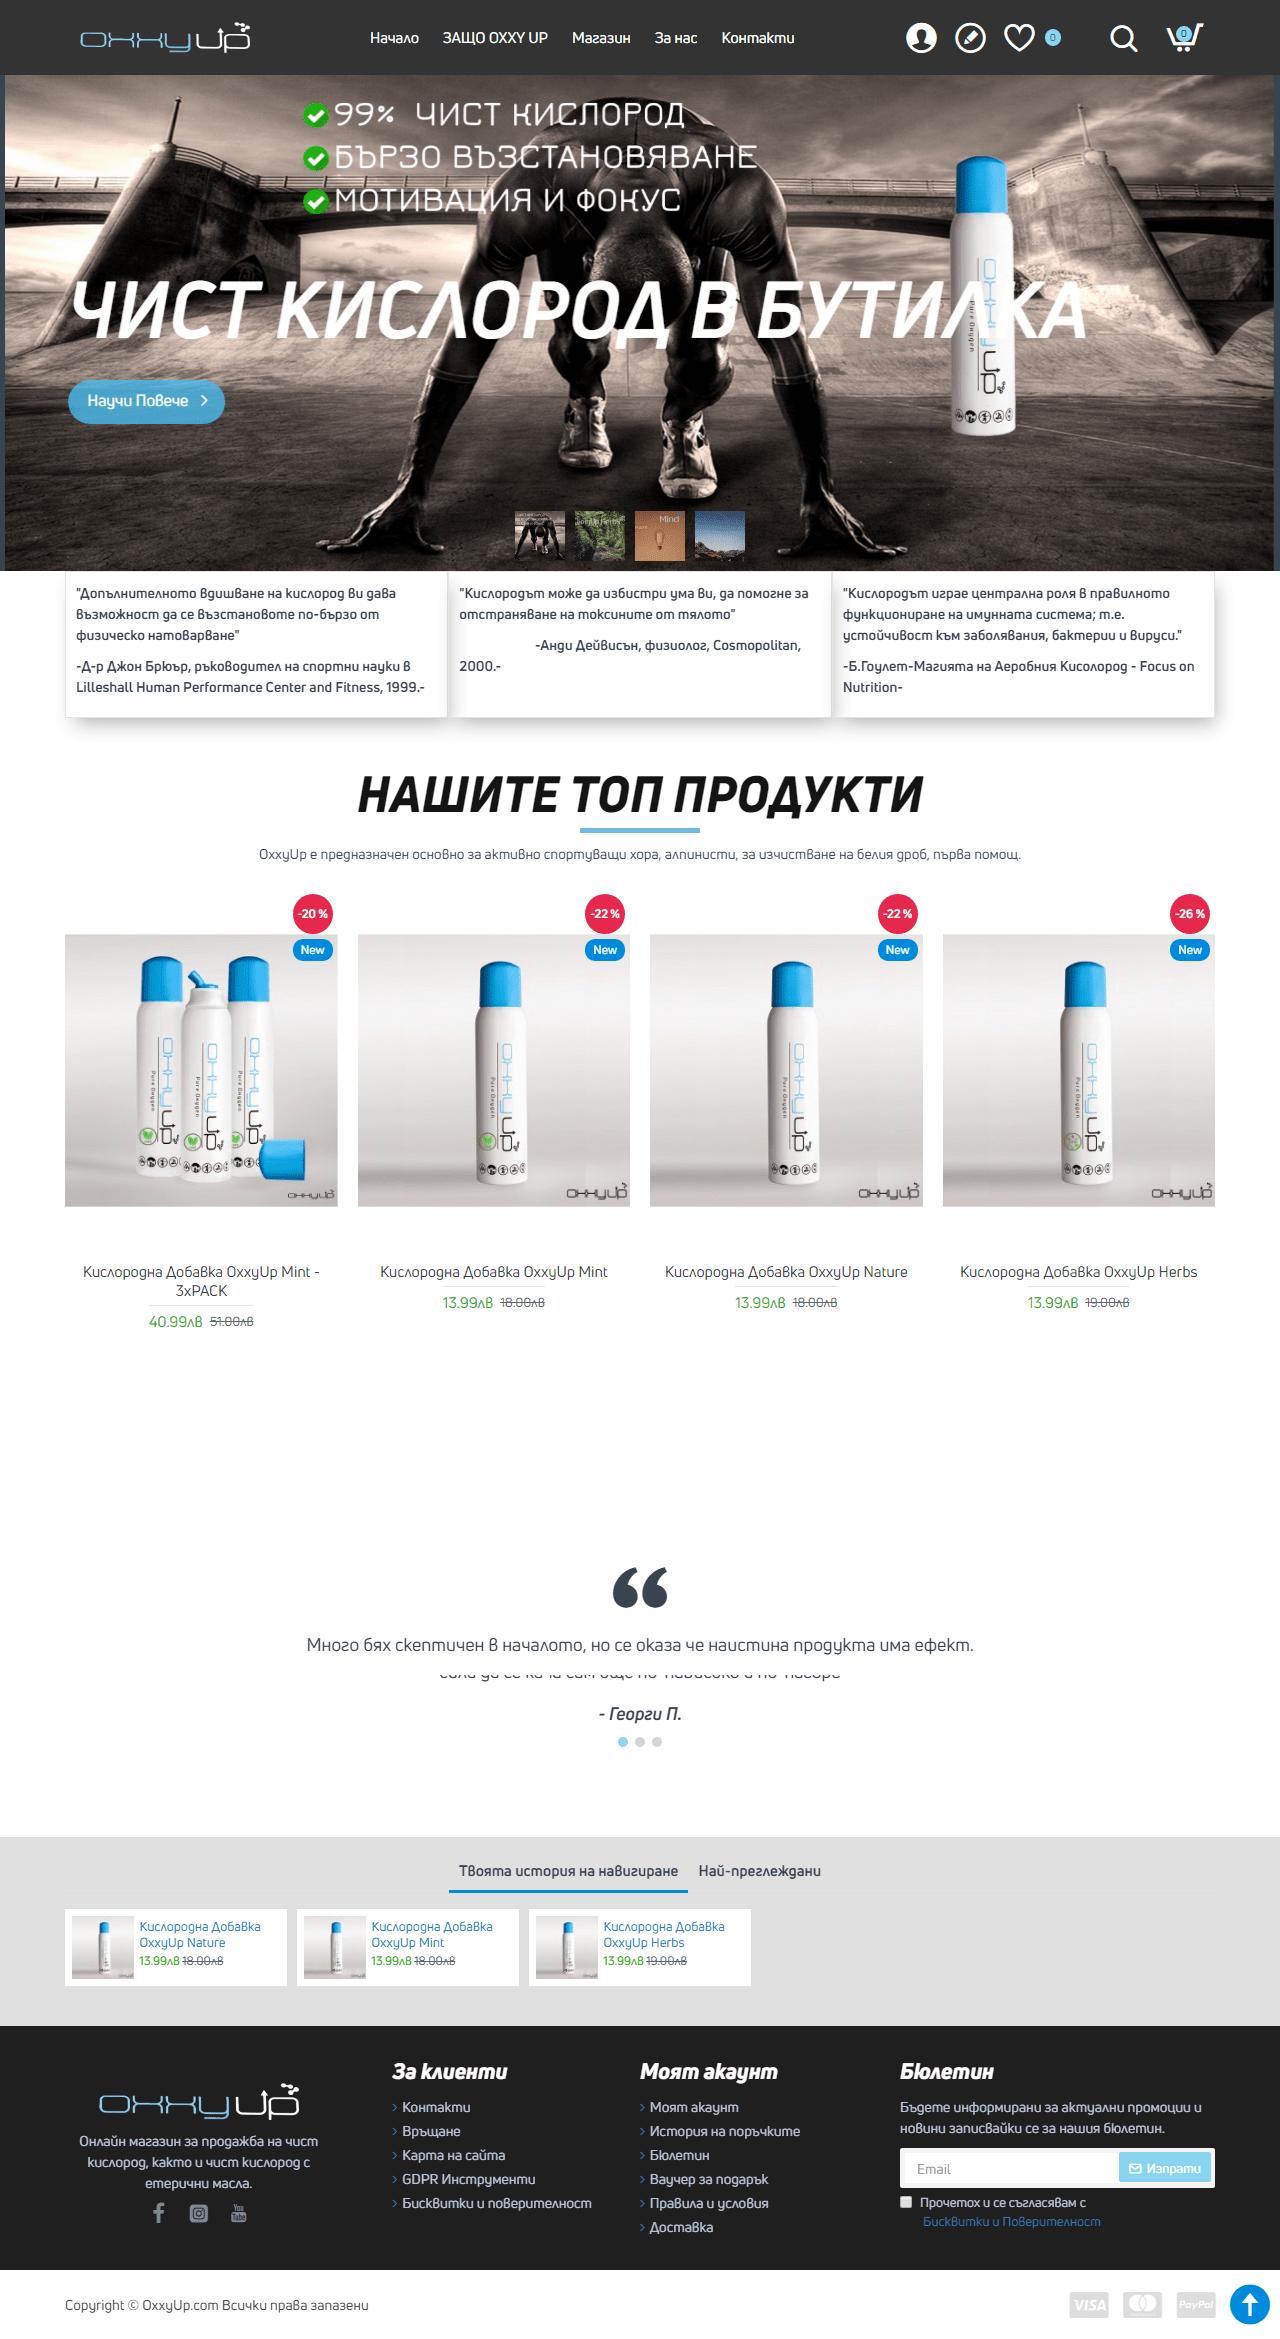 Oxxyup Онлайн магазин